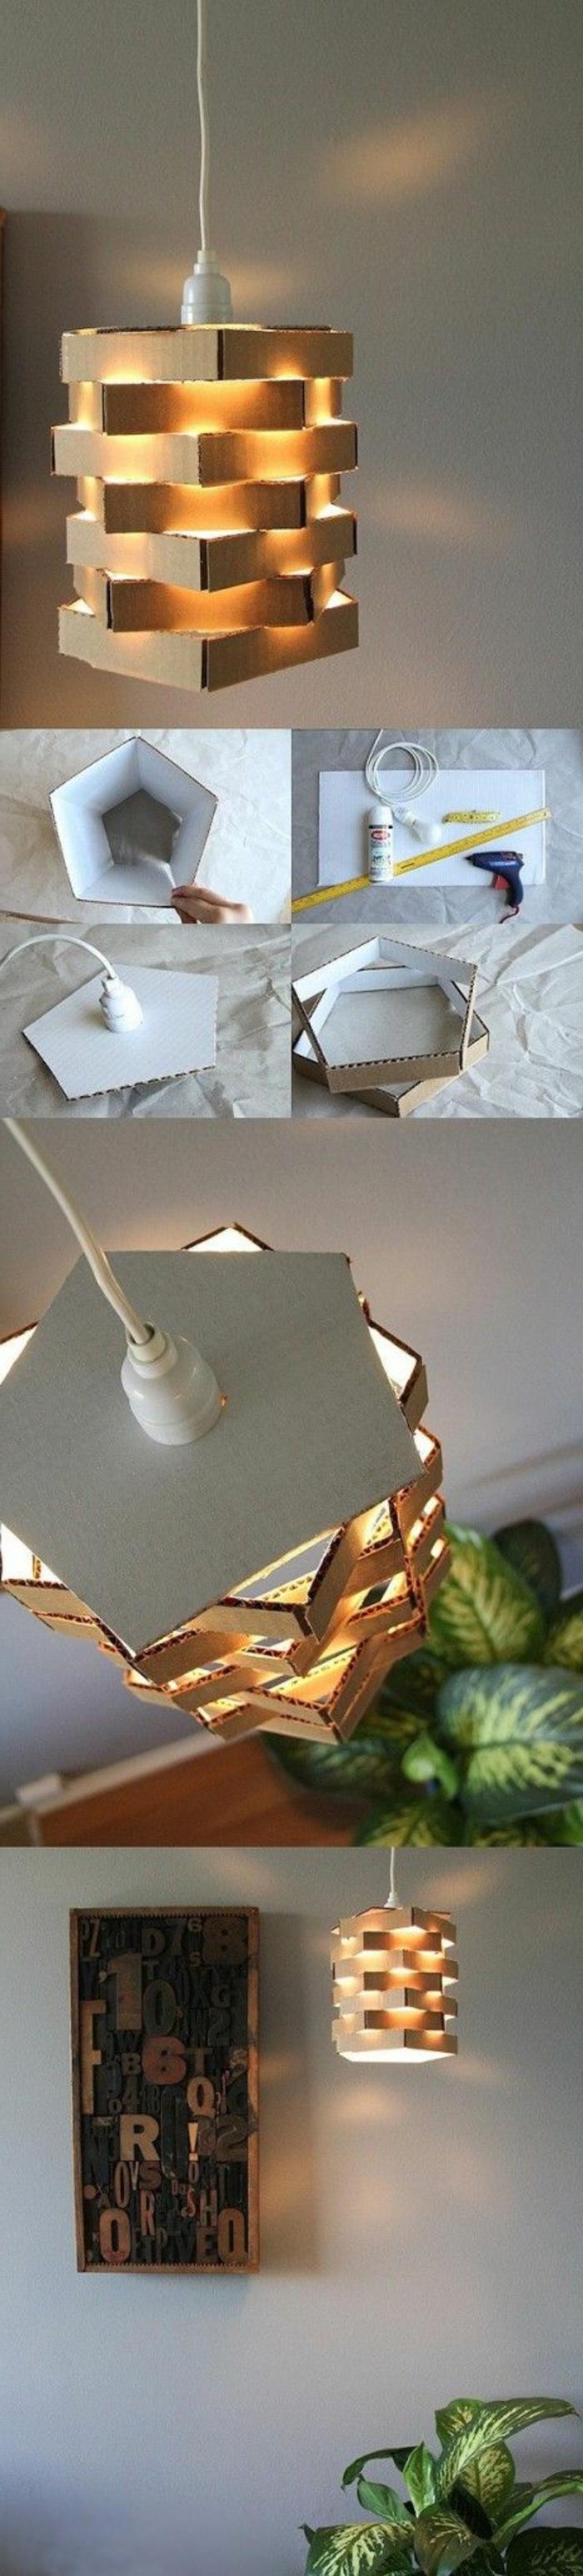 comment faire un abat-jour en découpes de carton